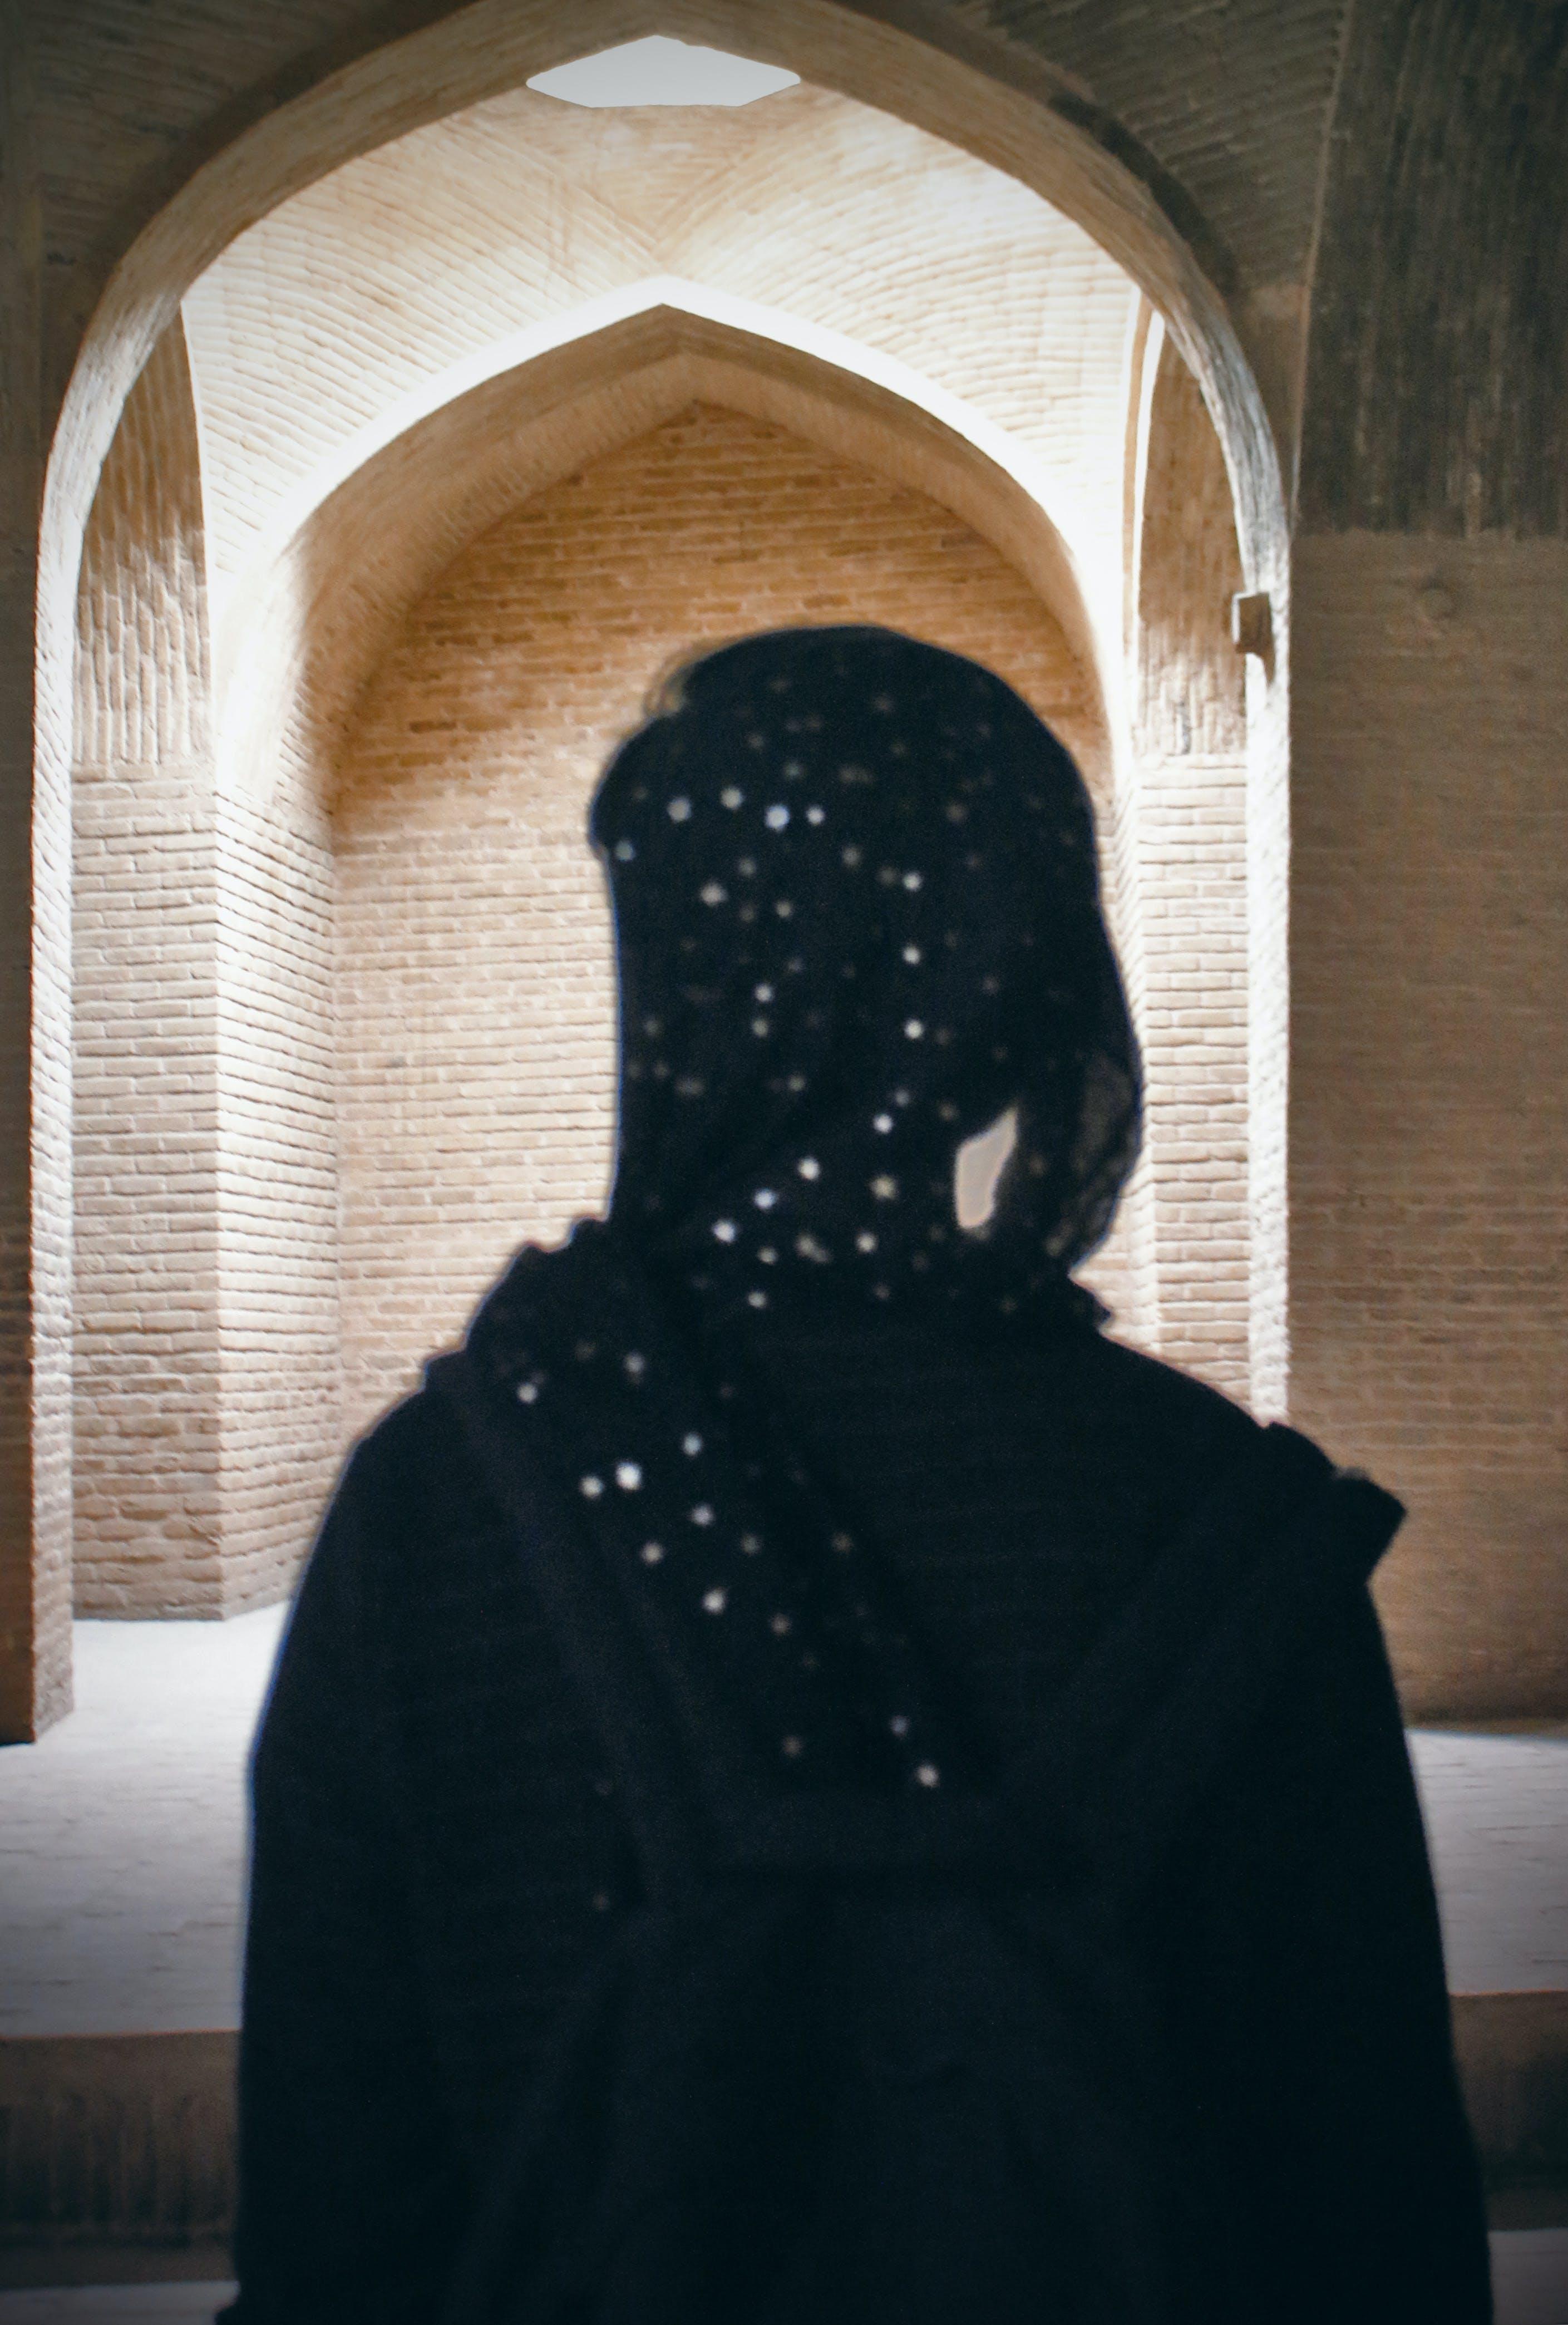 Free stock photo of girl, islamic, Iran, isfehan